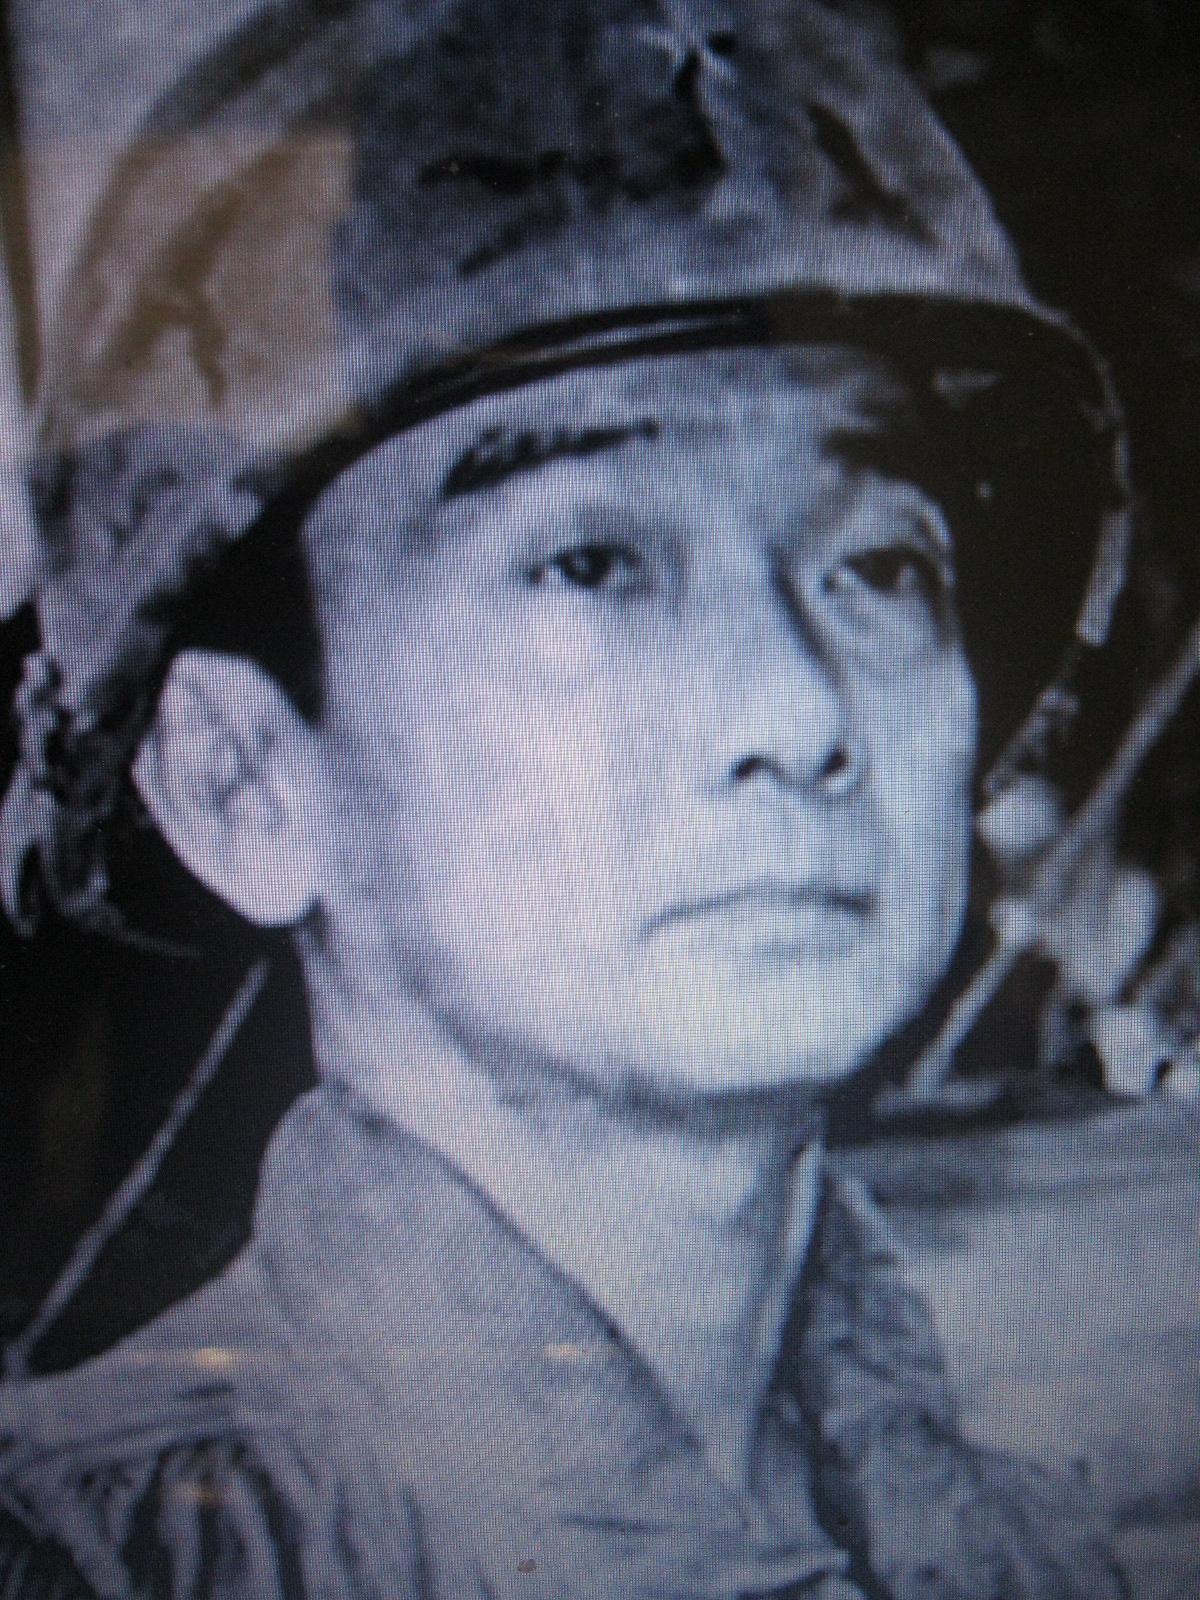 Danh Tướng Phạm Văn Phú